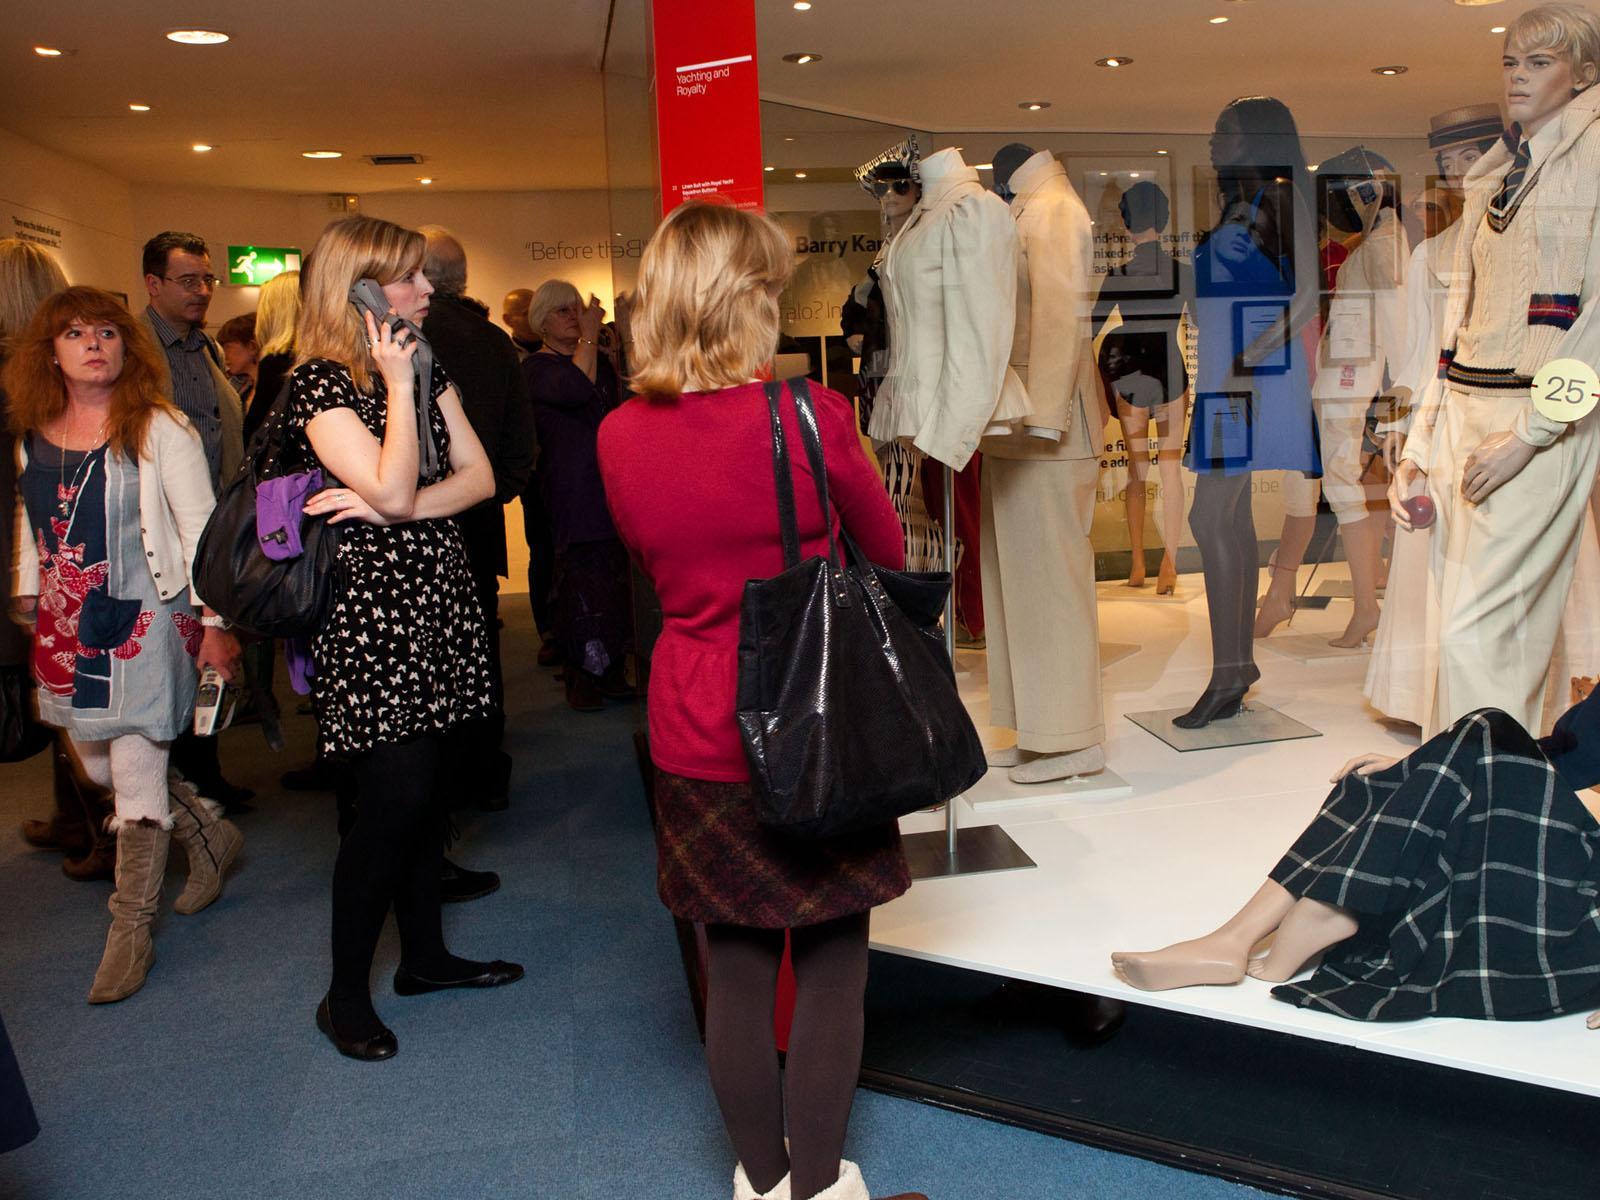 英国巴斯时装博物馆